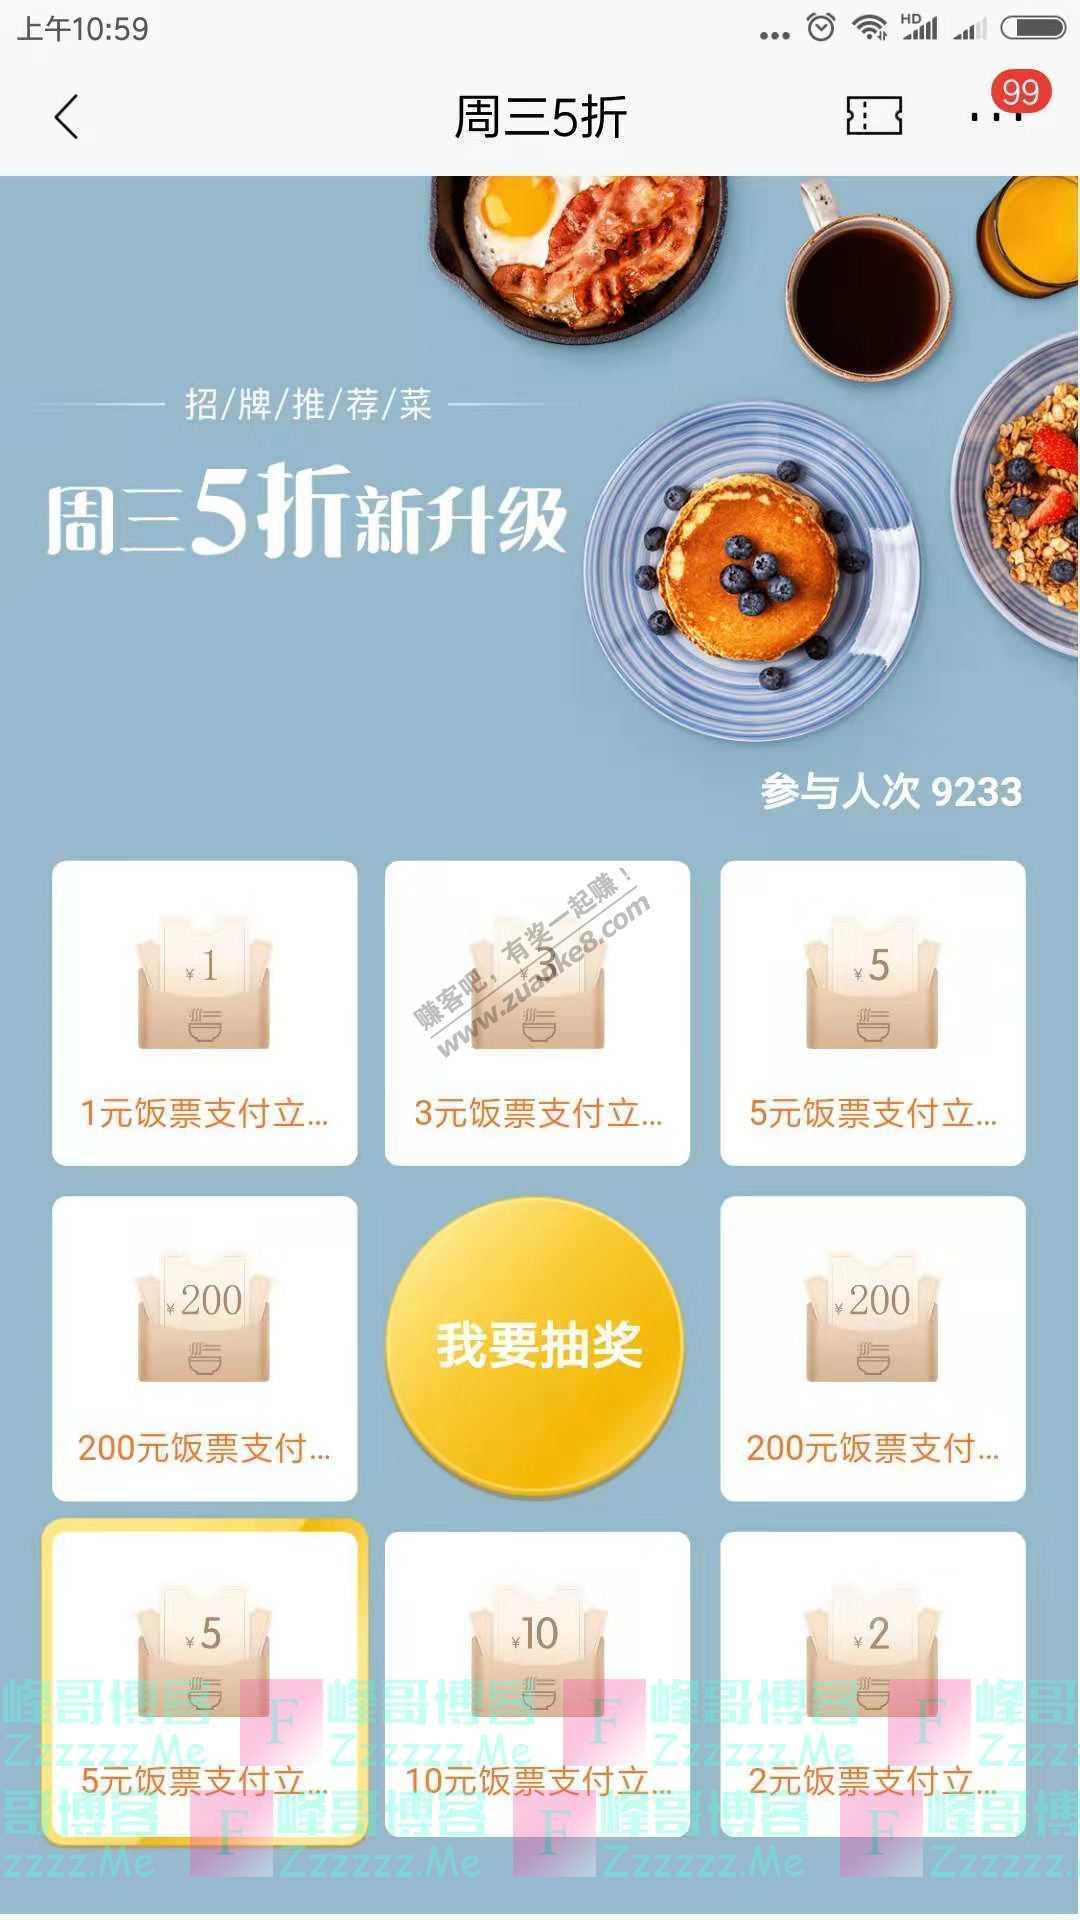 招商银行app周三5折 分享再赢200元暖心红包(截止1月20日)